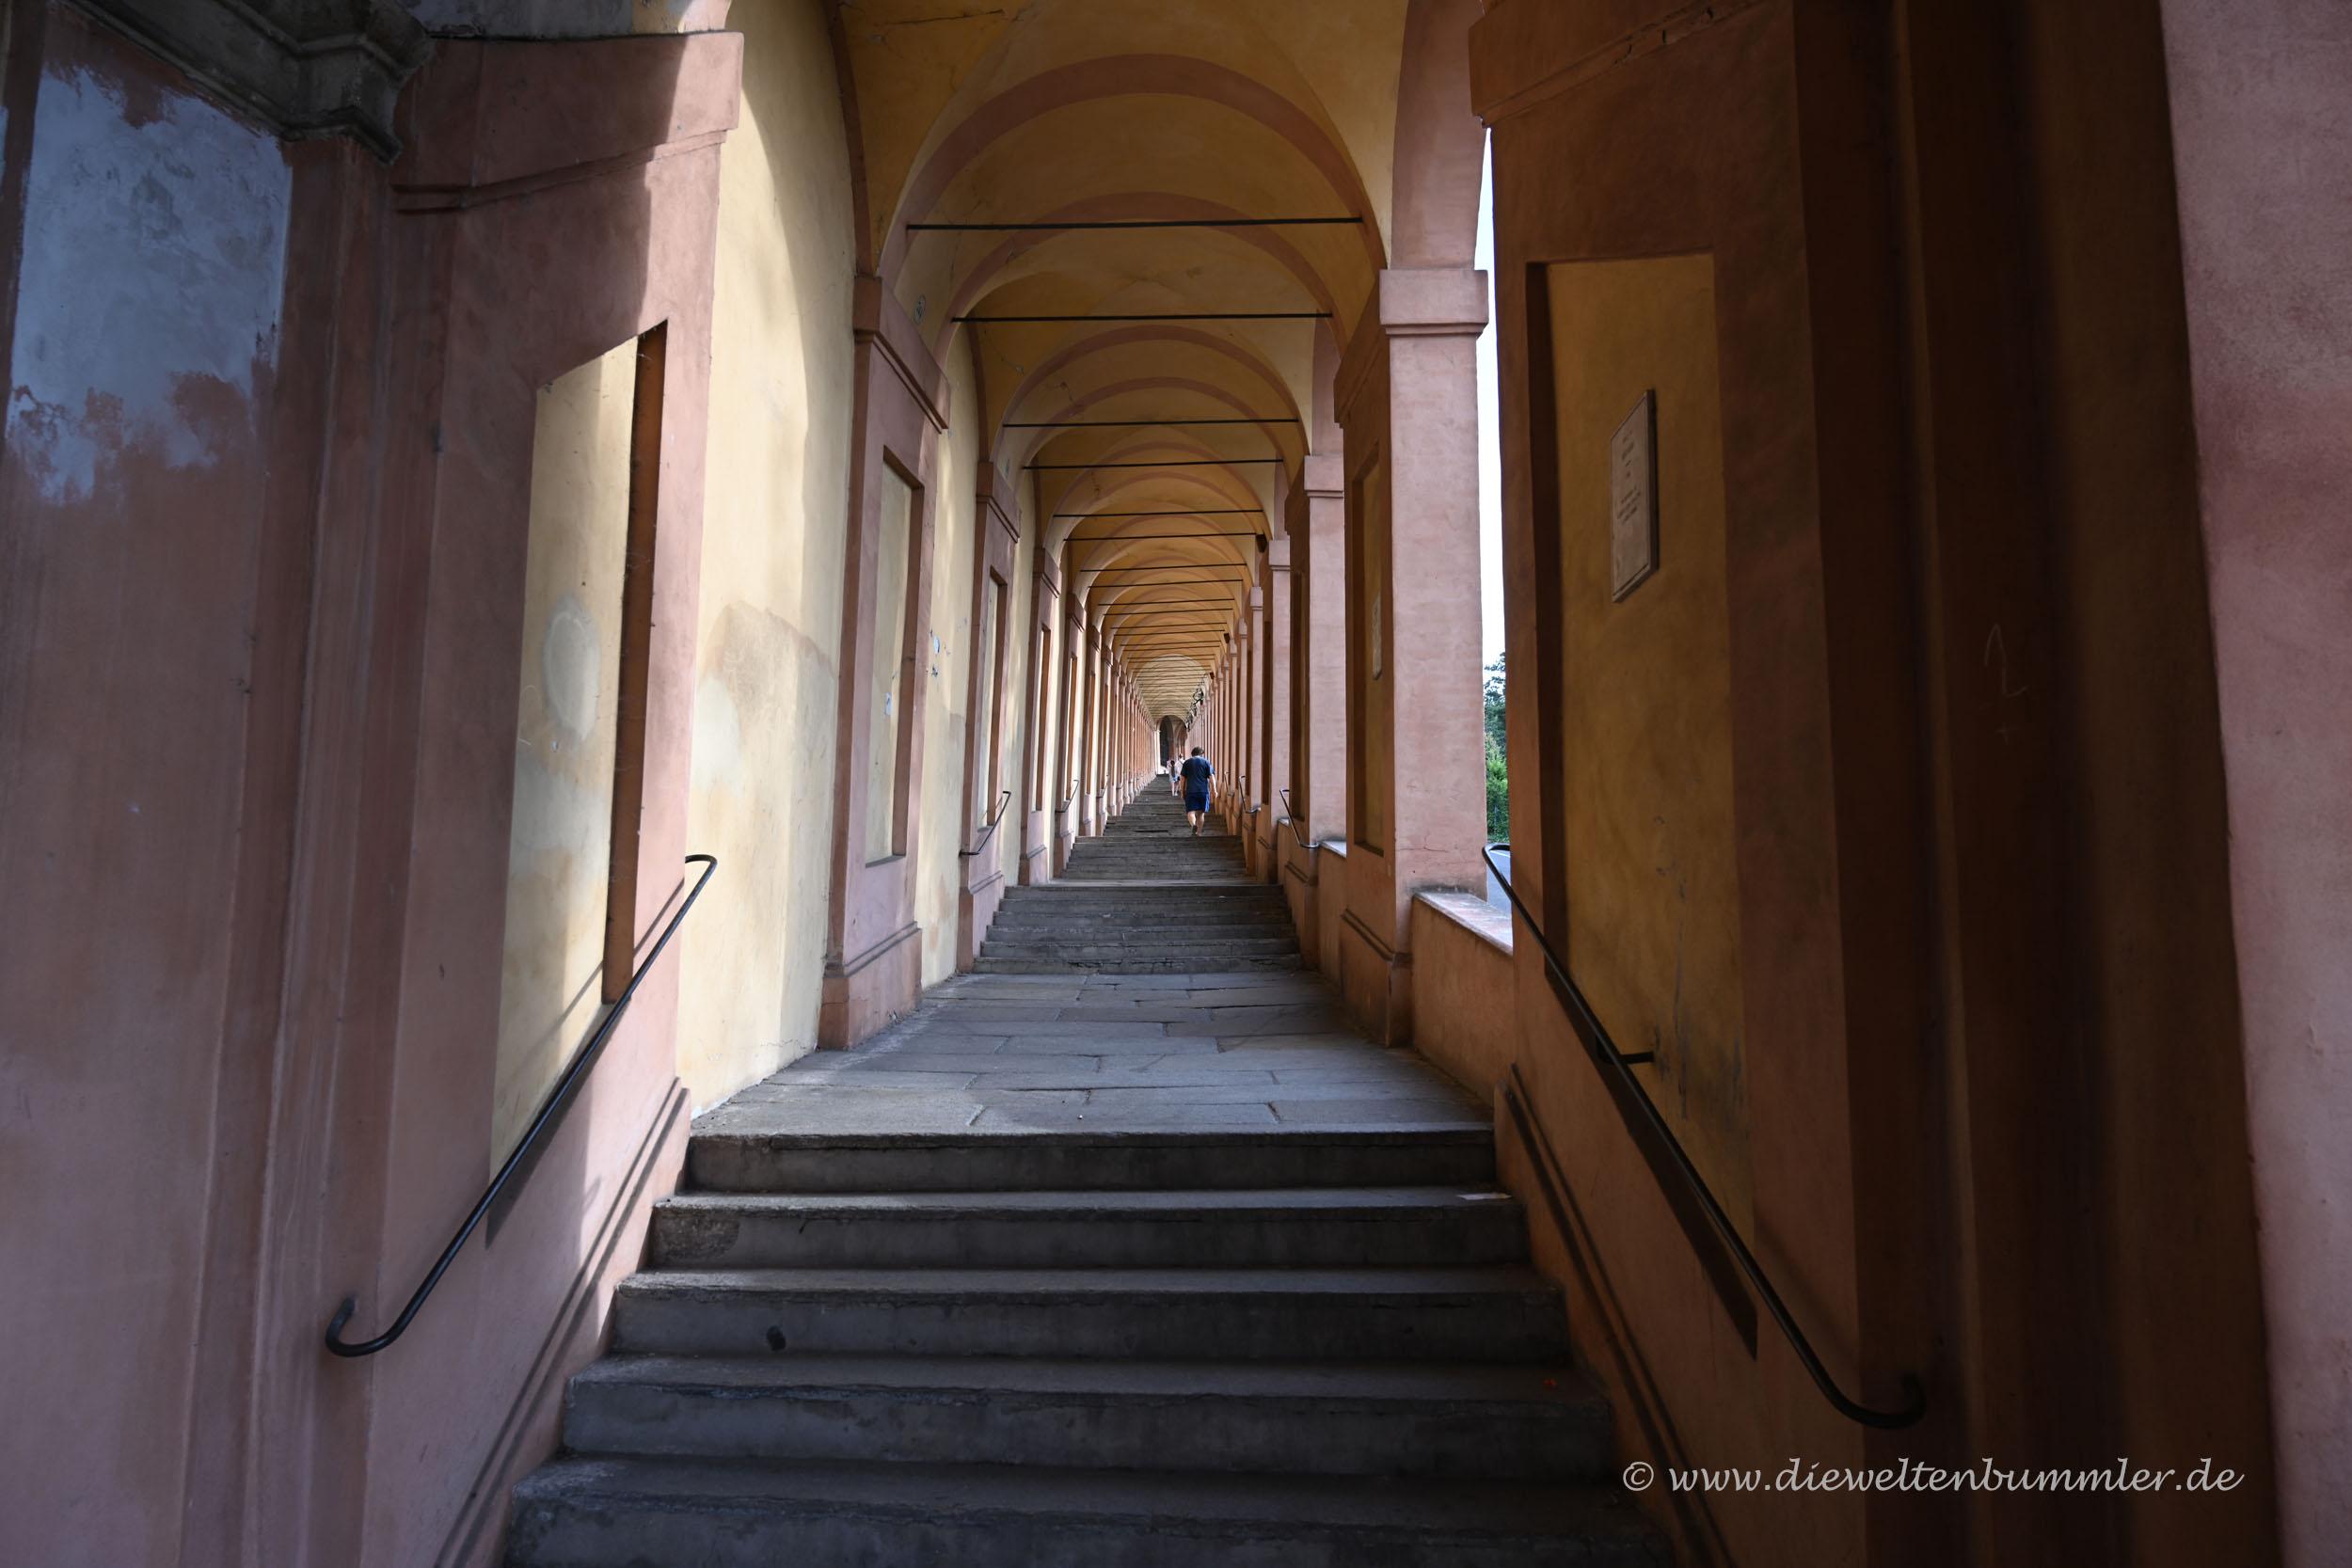 Laubengang in Bologna